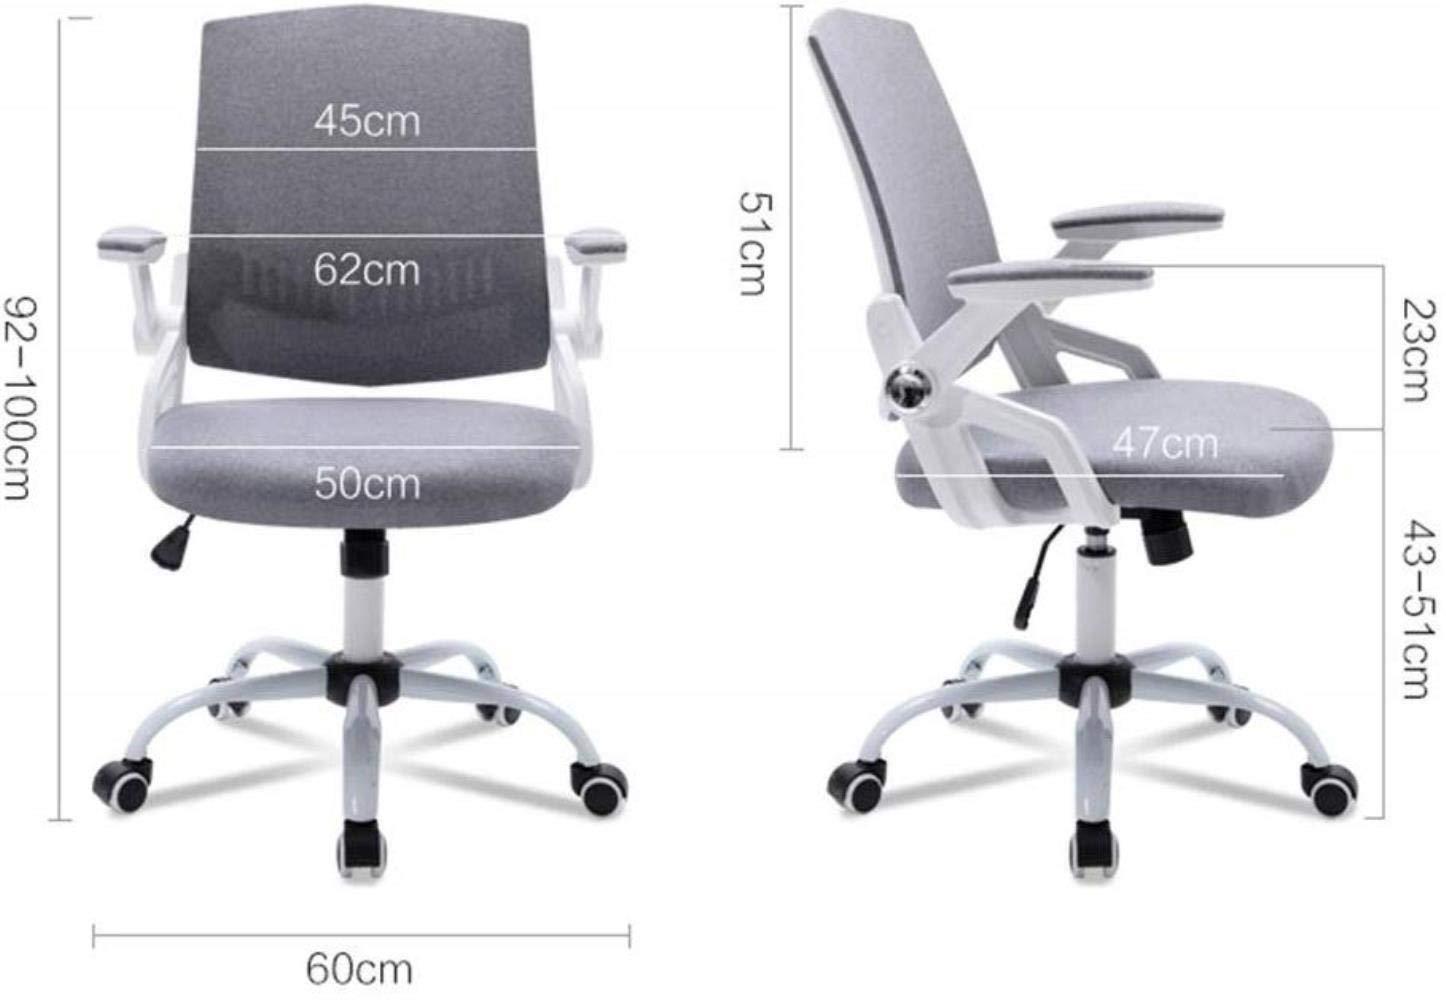 Xiuyun kontorsstol spelstol svängbar stol, studentstol, arbetsstol, skrivbord stol, datorstol, ryggstödstol, företagsstolar (färg: Rosa) Grått